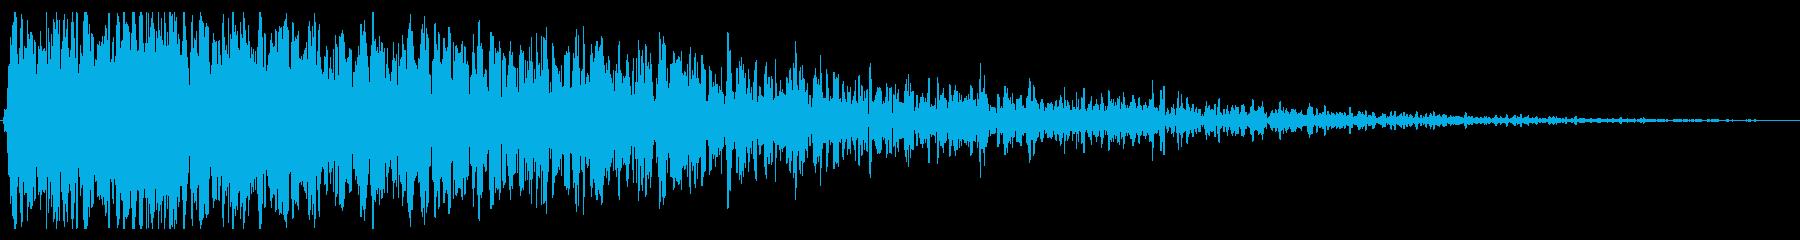 重い遠い原子爆発爆発の再生済みの波形